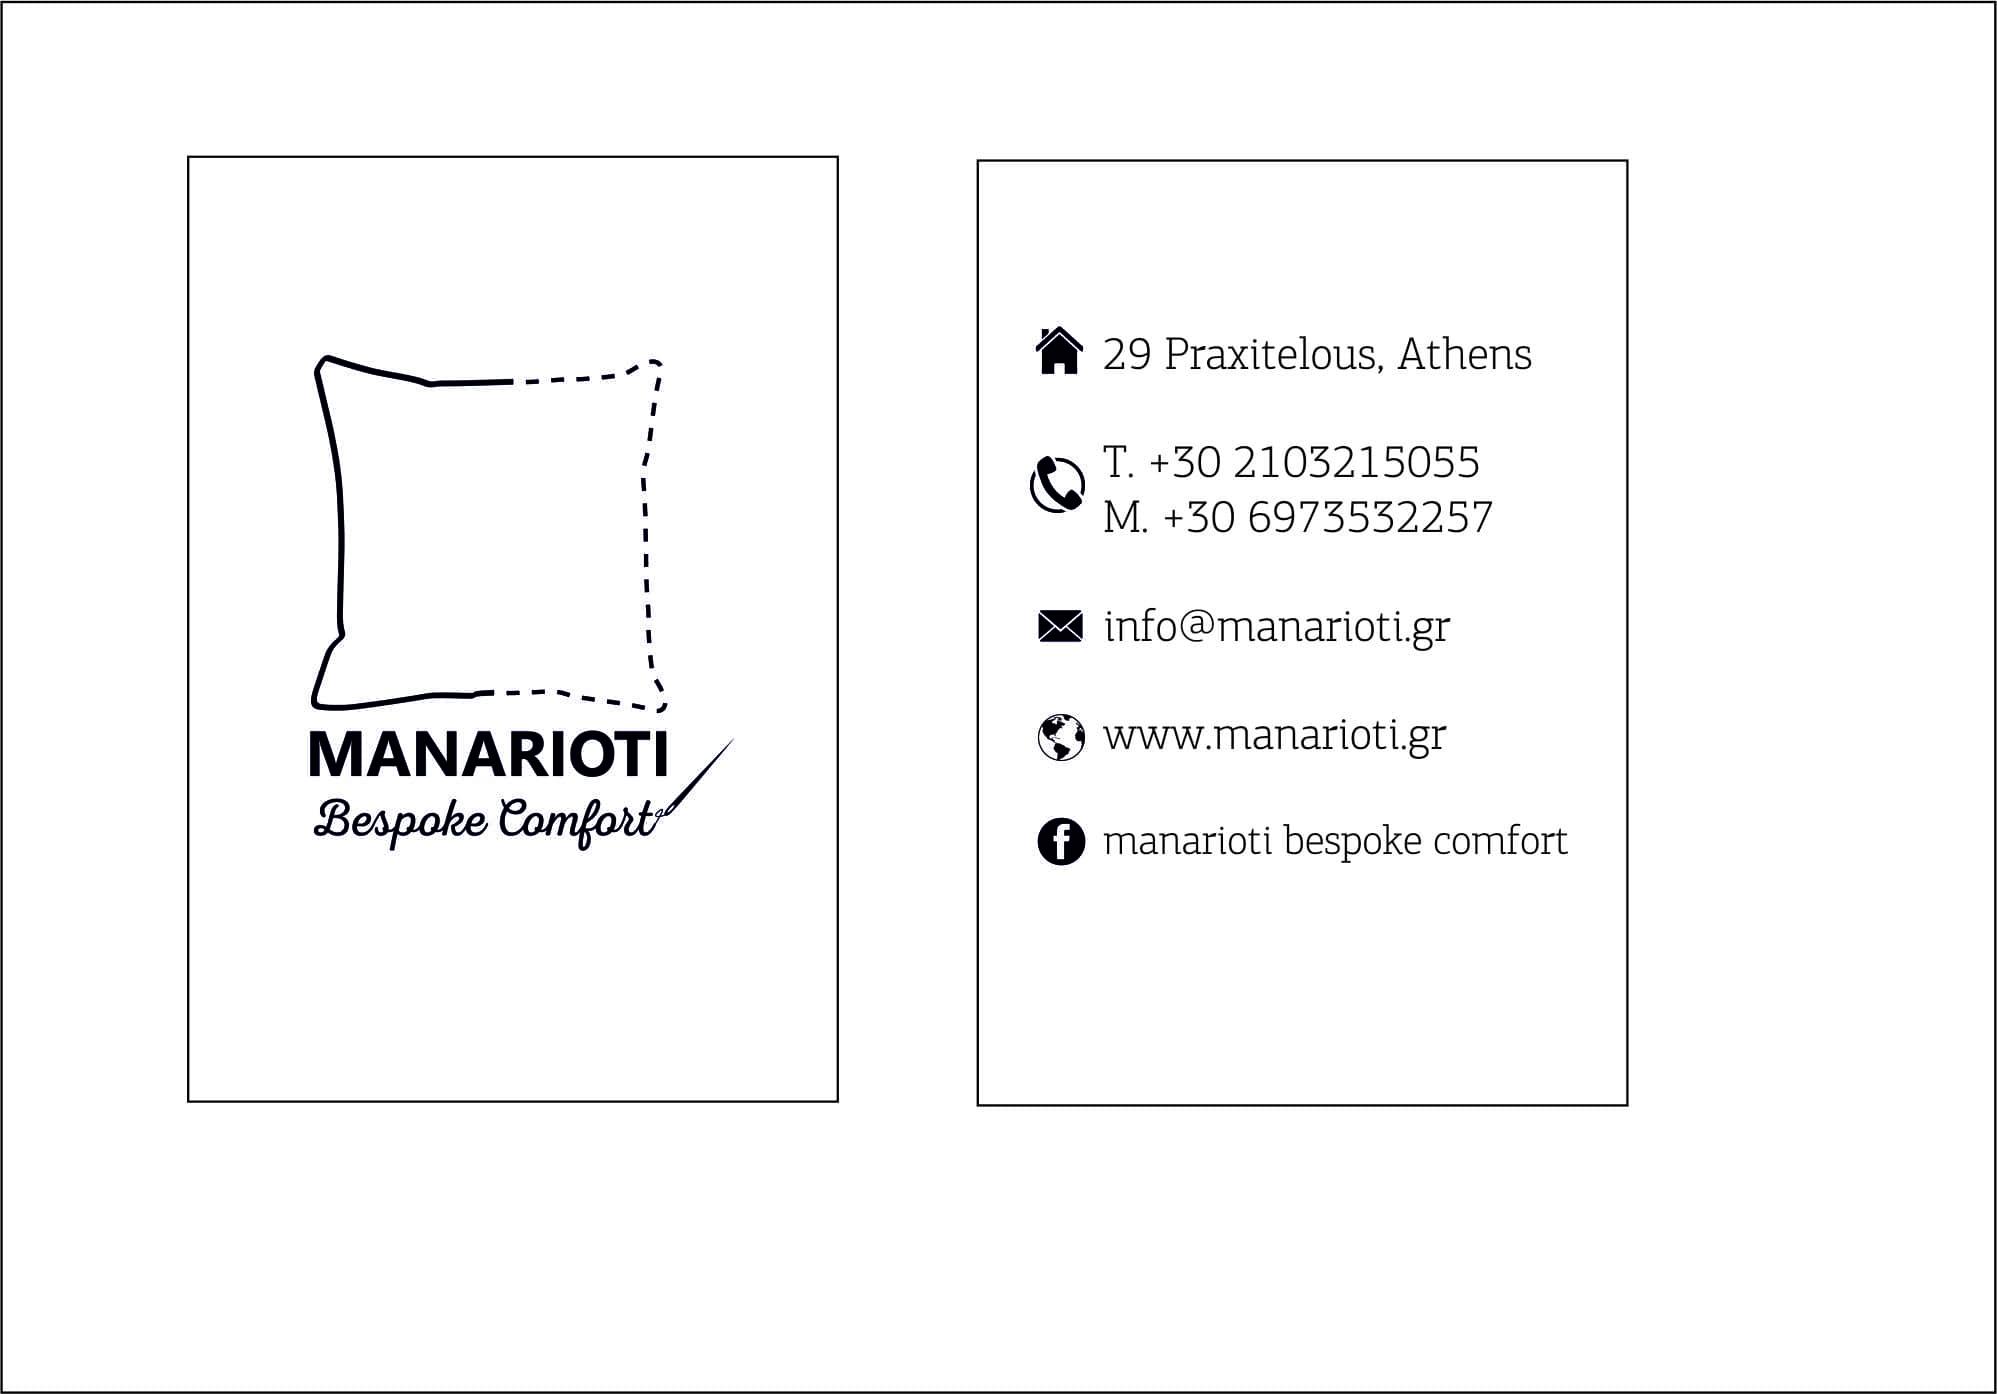 Εκτυπώσεις - Φωτοτυπίες - Γραφιστικά | MANARIOTI Bespoke Comfort